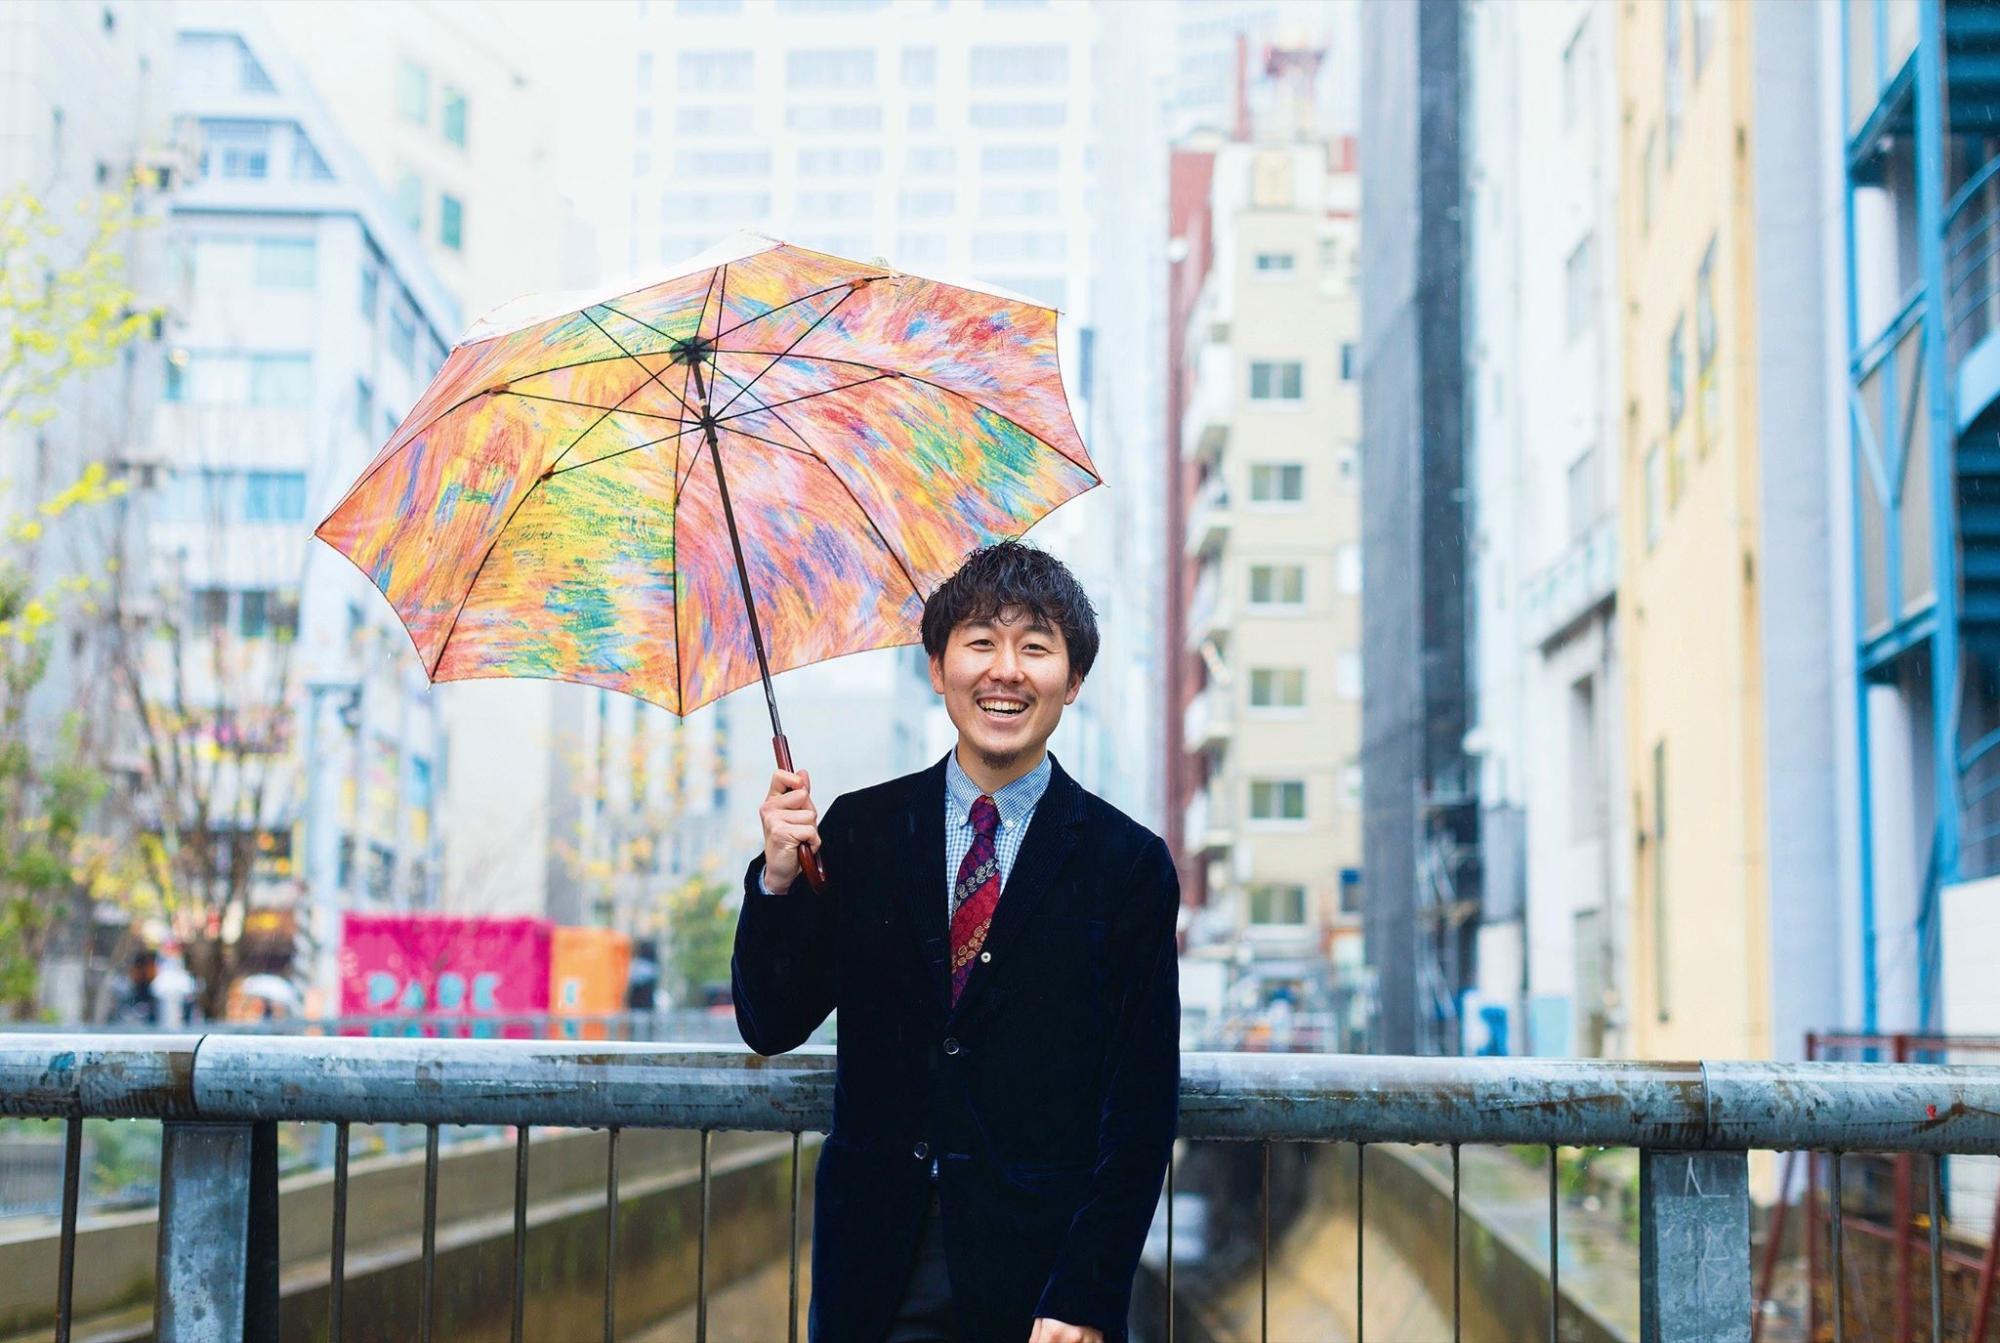 【写真】たくさんの色で装飾された傘を持って笑顔で立つ、ゲストの松田たかやさん